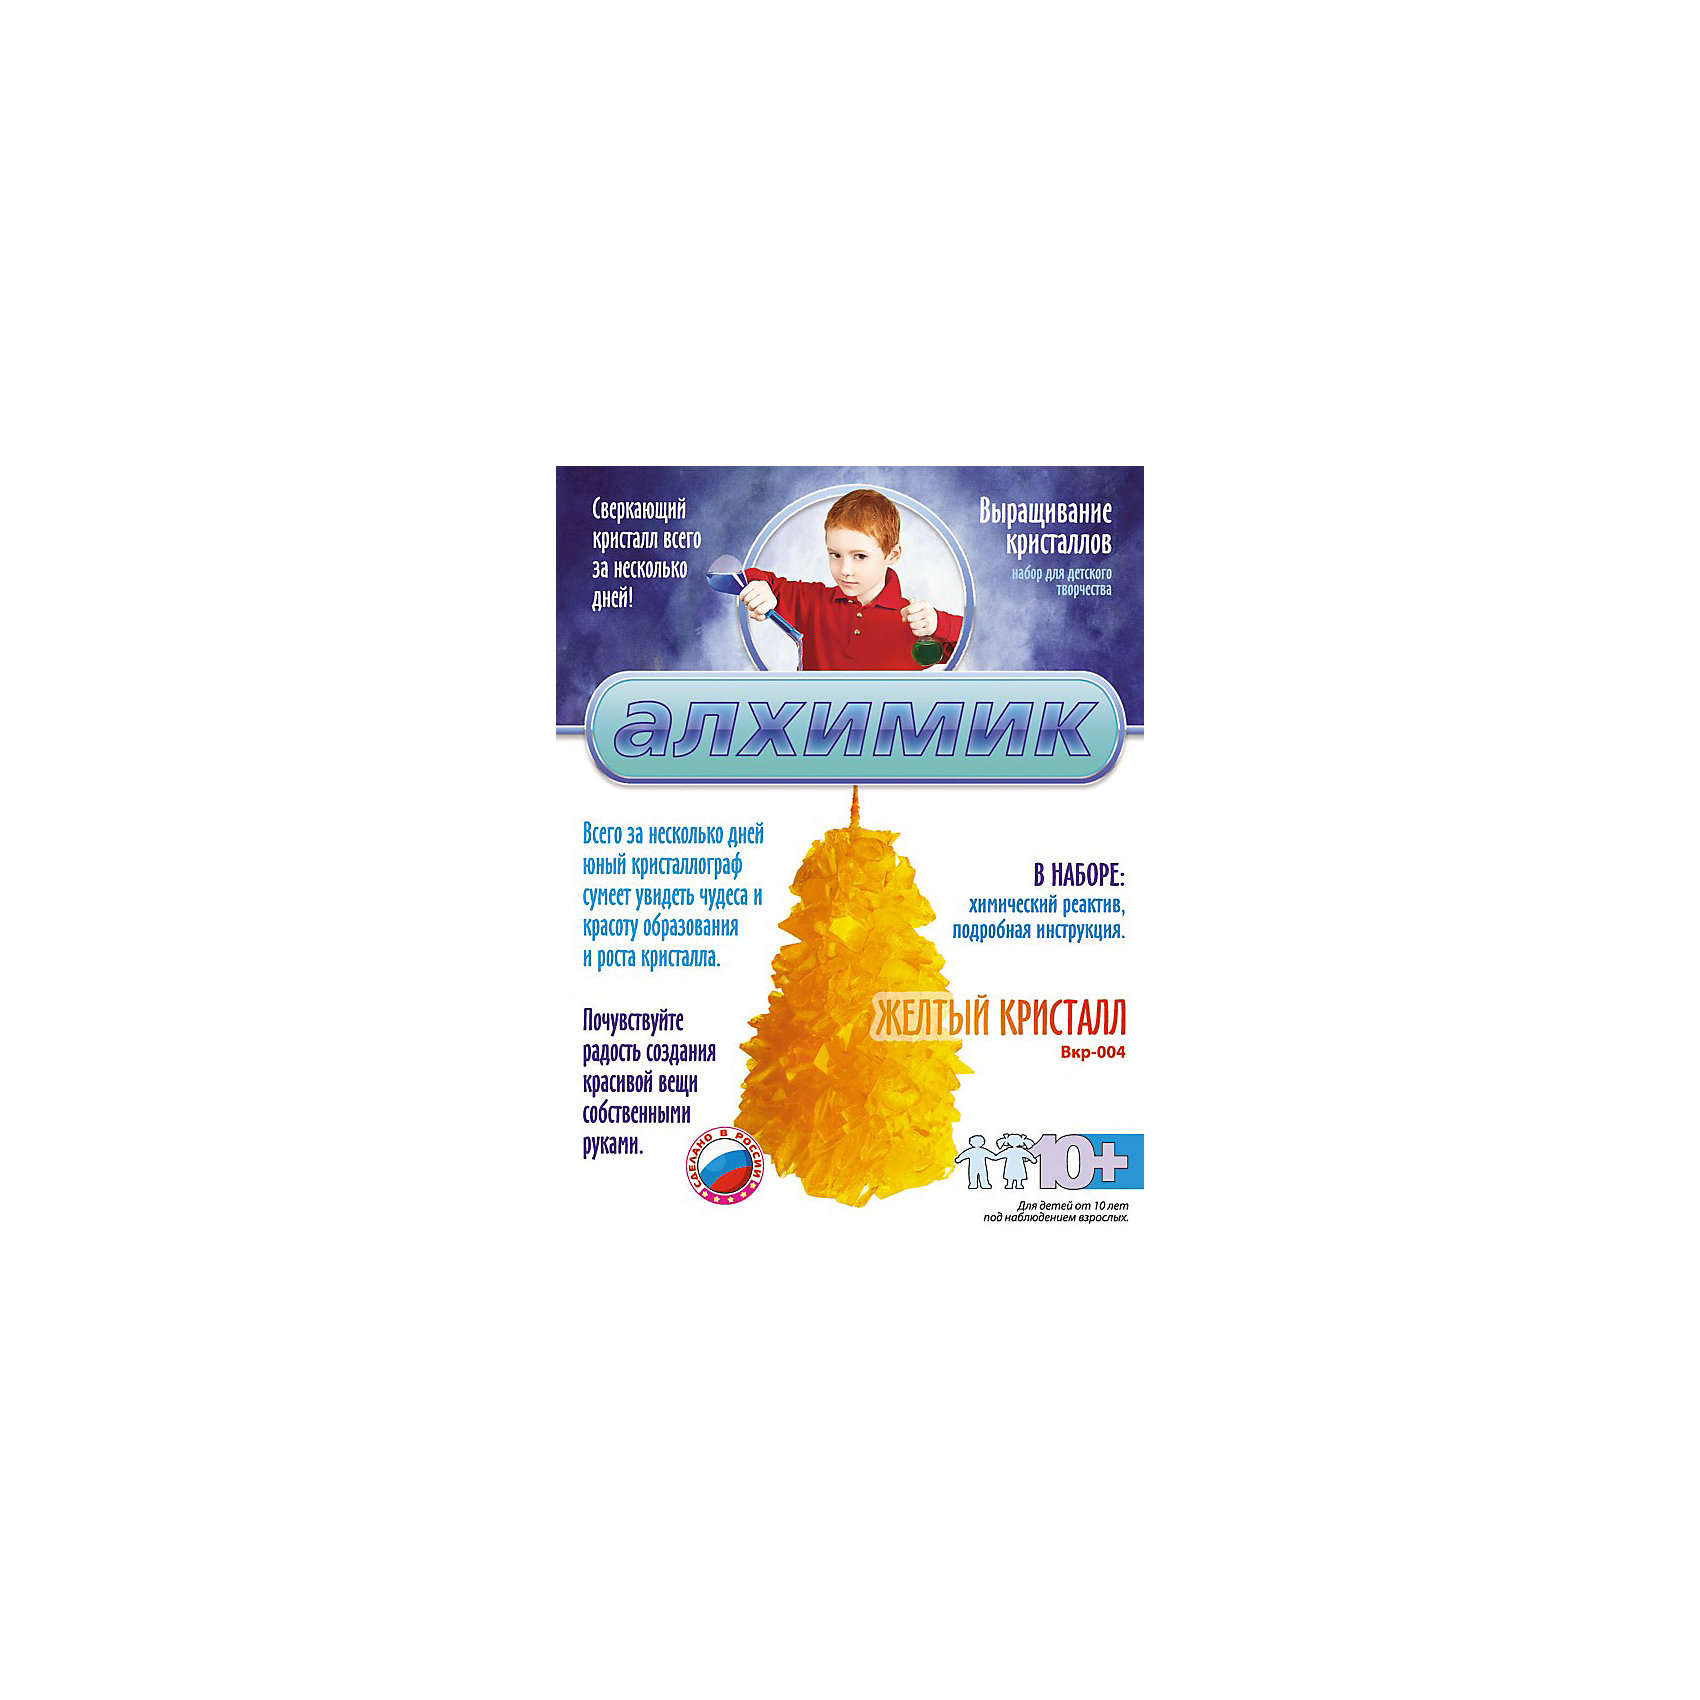 Выращивание кристаллов Желтый кристалл, LORIКристаллы<br>Выращивание кристаллов Желтый кристалл, LORI станет самым интересным занятием для Вашего малыша!<br>Выращивание кристаллов - самый массовый и самый популярный вид химических опытов для детей. С помощью данных наборов можно вырастить крупные кристаллы голубого, белого, малинового и желтого цвета. Суть выращивания в наблюдении кристаллизации вещества из насыщенного соляного раствора.<br><br>Дополнительная информация:<br><br>Размер: 155х120х45 мм.<br><br>Вес: 229 г.<br><br>Станет прекрасным развивающим подарком Вашему малышу!<br>Легко купить в нашем интернет-магазине!<br><br>Ширина мм: 155<br>Глубина мм: 120<br>Высота мм: 45<br>Вес г: 229<br>Возраст от месяцев: 120<br>Возраст до месяцев: 180<br>Пол: Унисекс<br>Возраст: Детский<br>SKU: 3376765